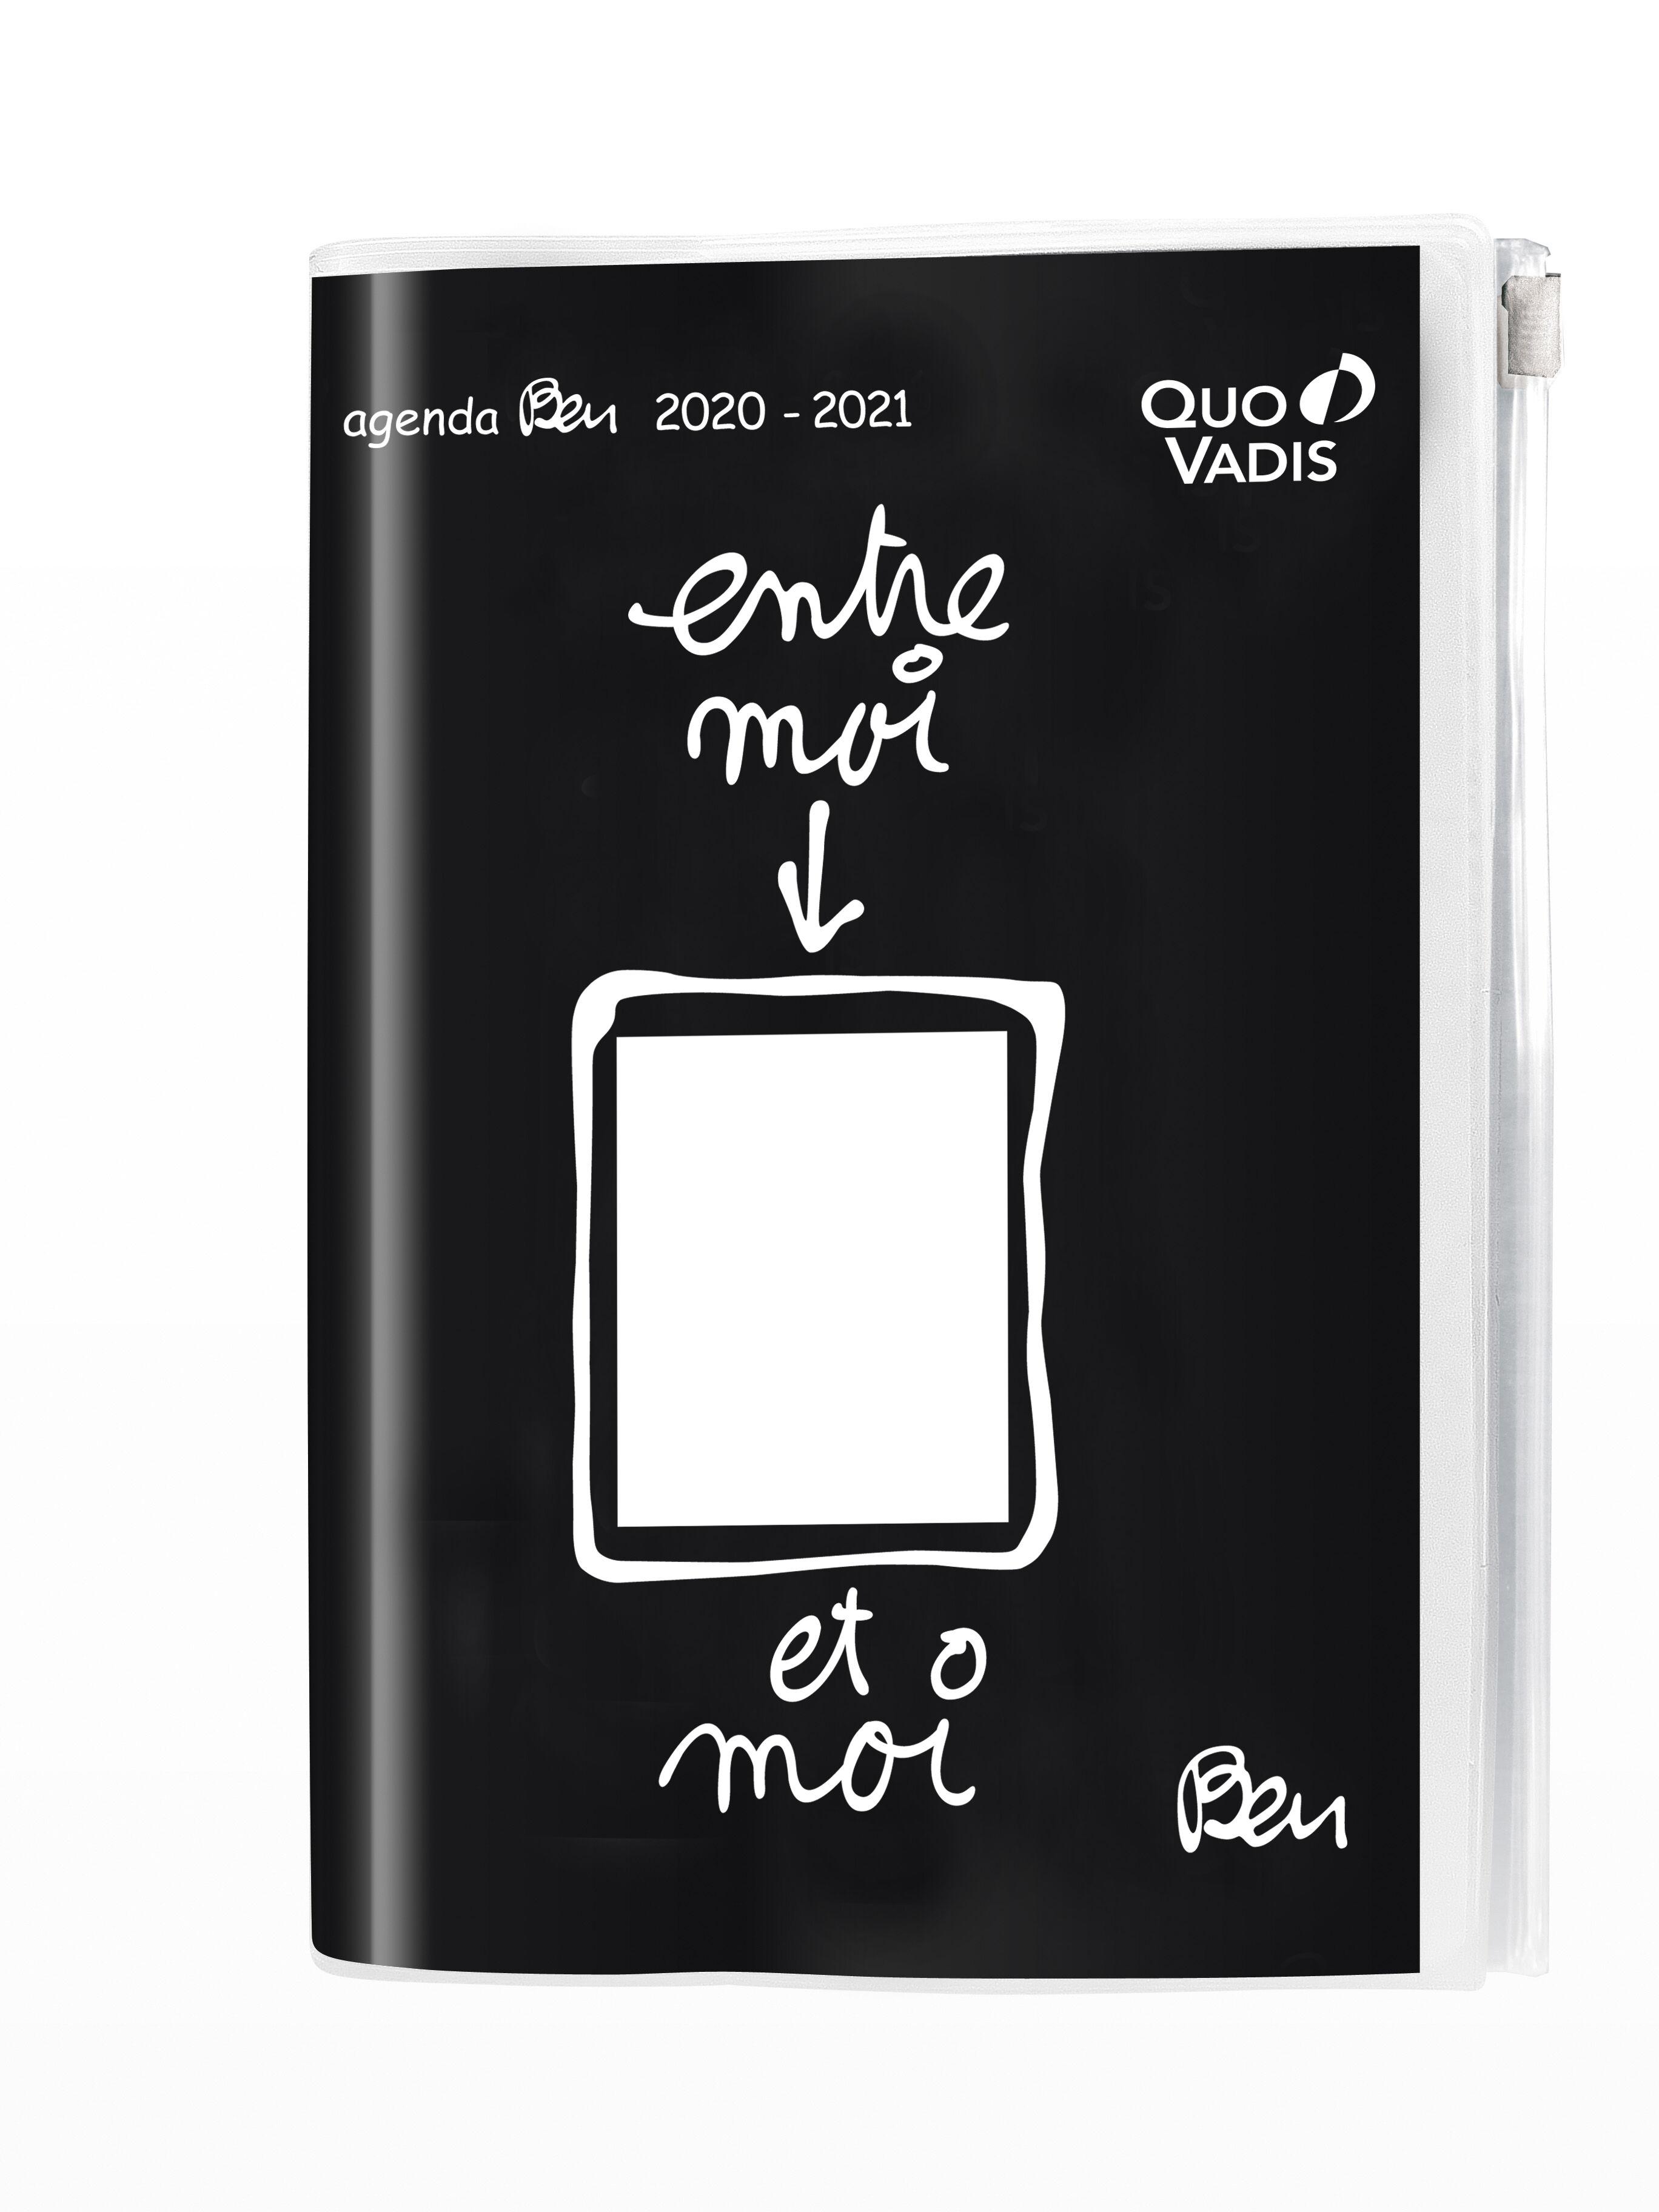 Ben - Agenda avec poche zip - 1 jour par page - 12 x 17 cm - différents modèles disponibles - Quo Vadis